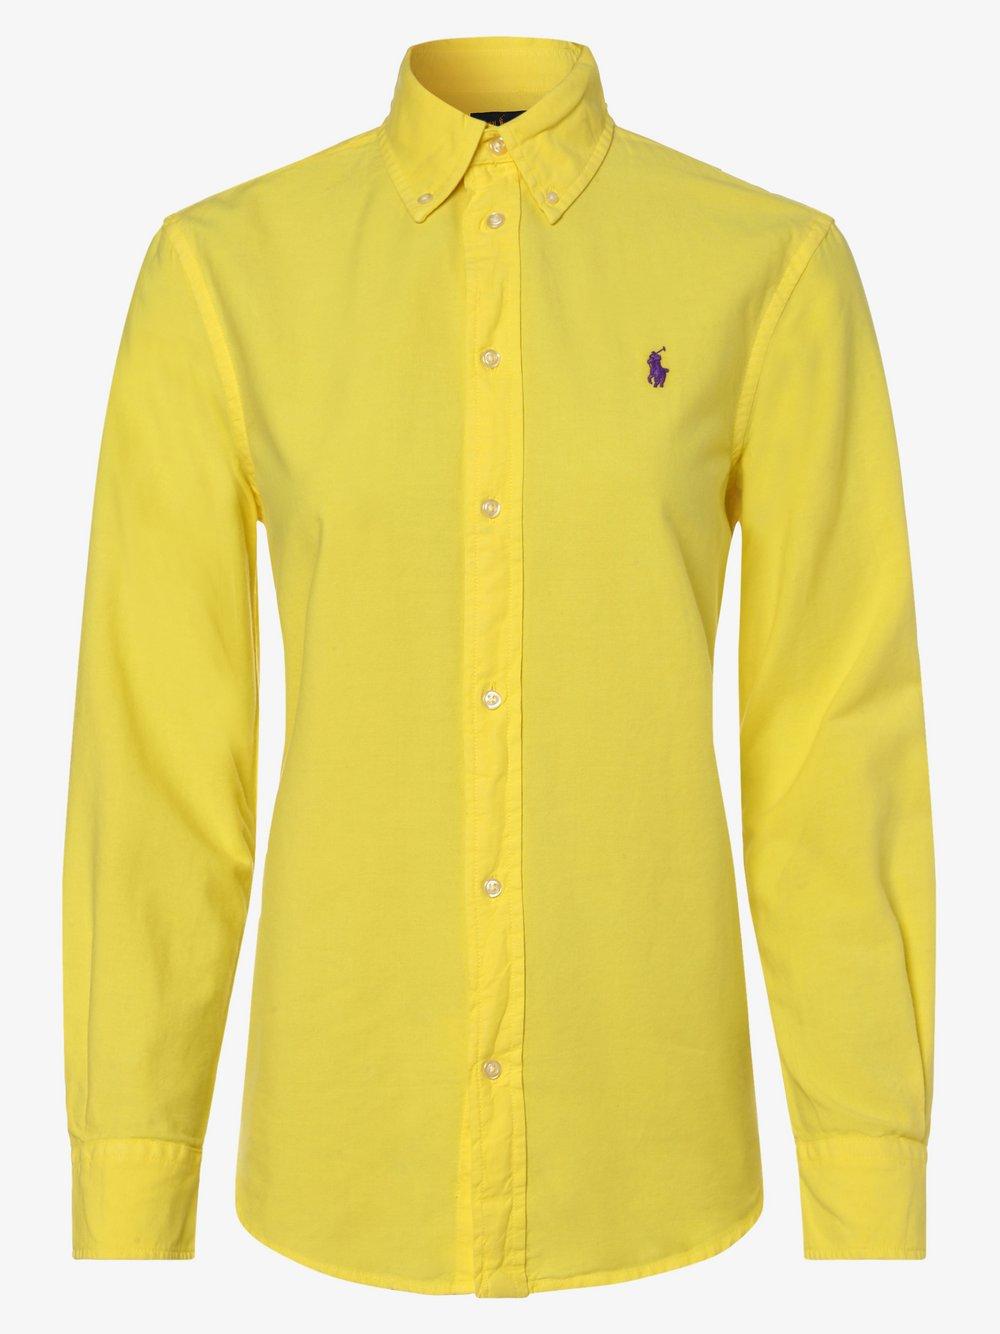 Polo Ralph Lauren - Bluzka damska – Relaxed Fit, żółty